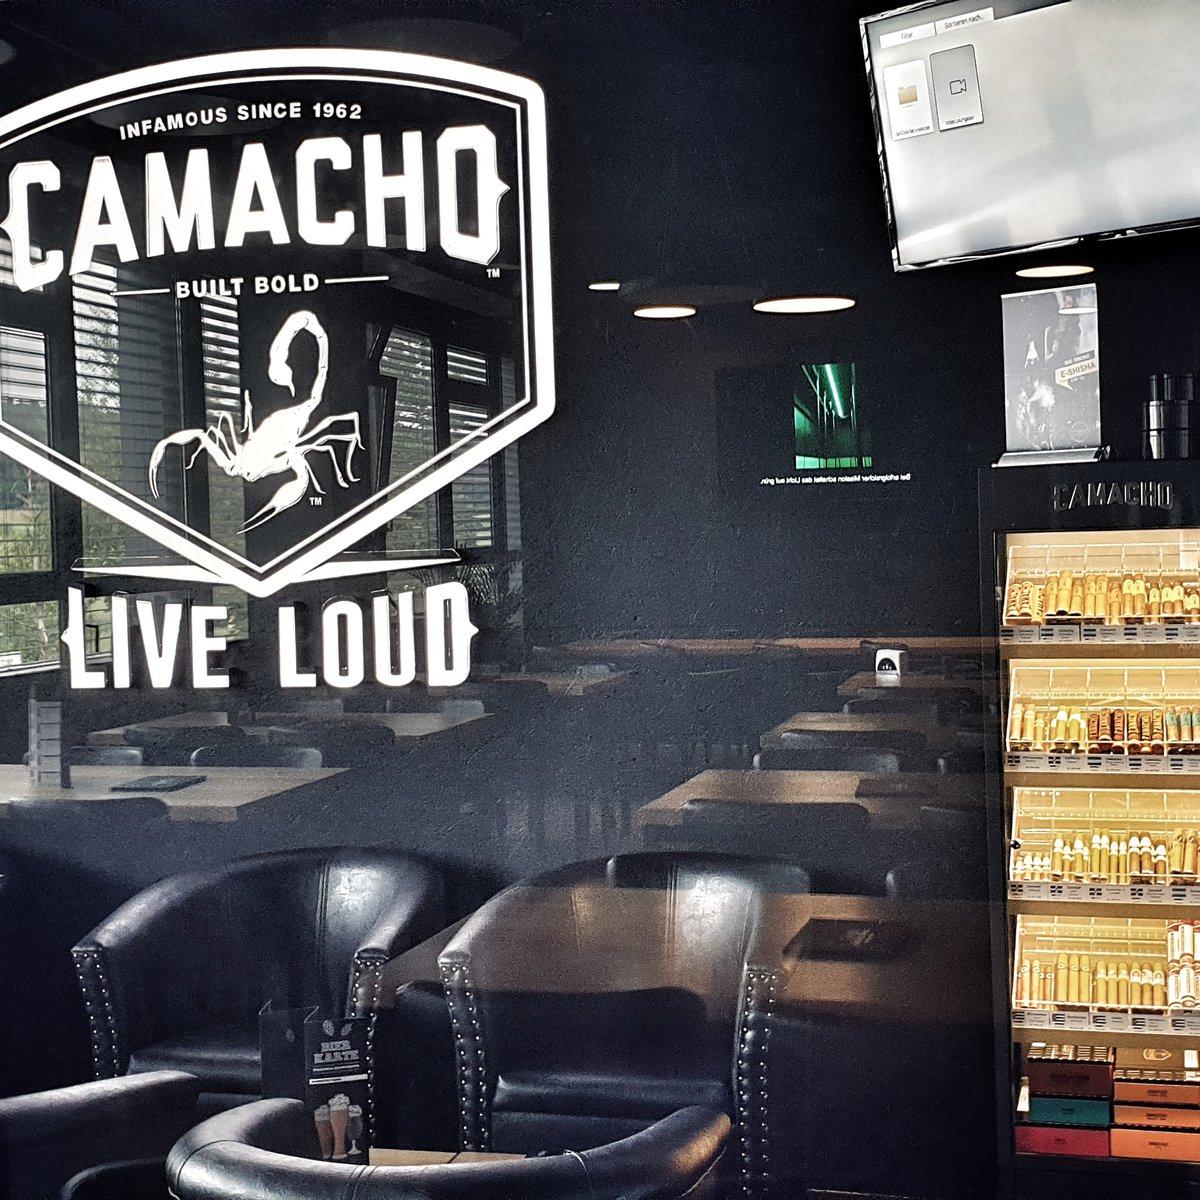 Camacho-Davidoff Lounge